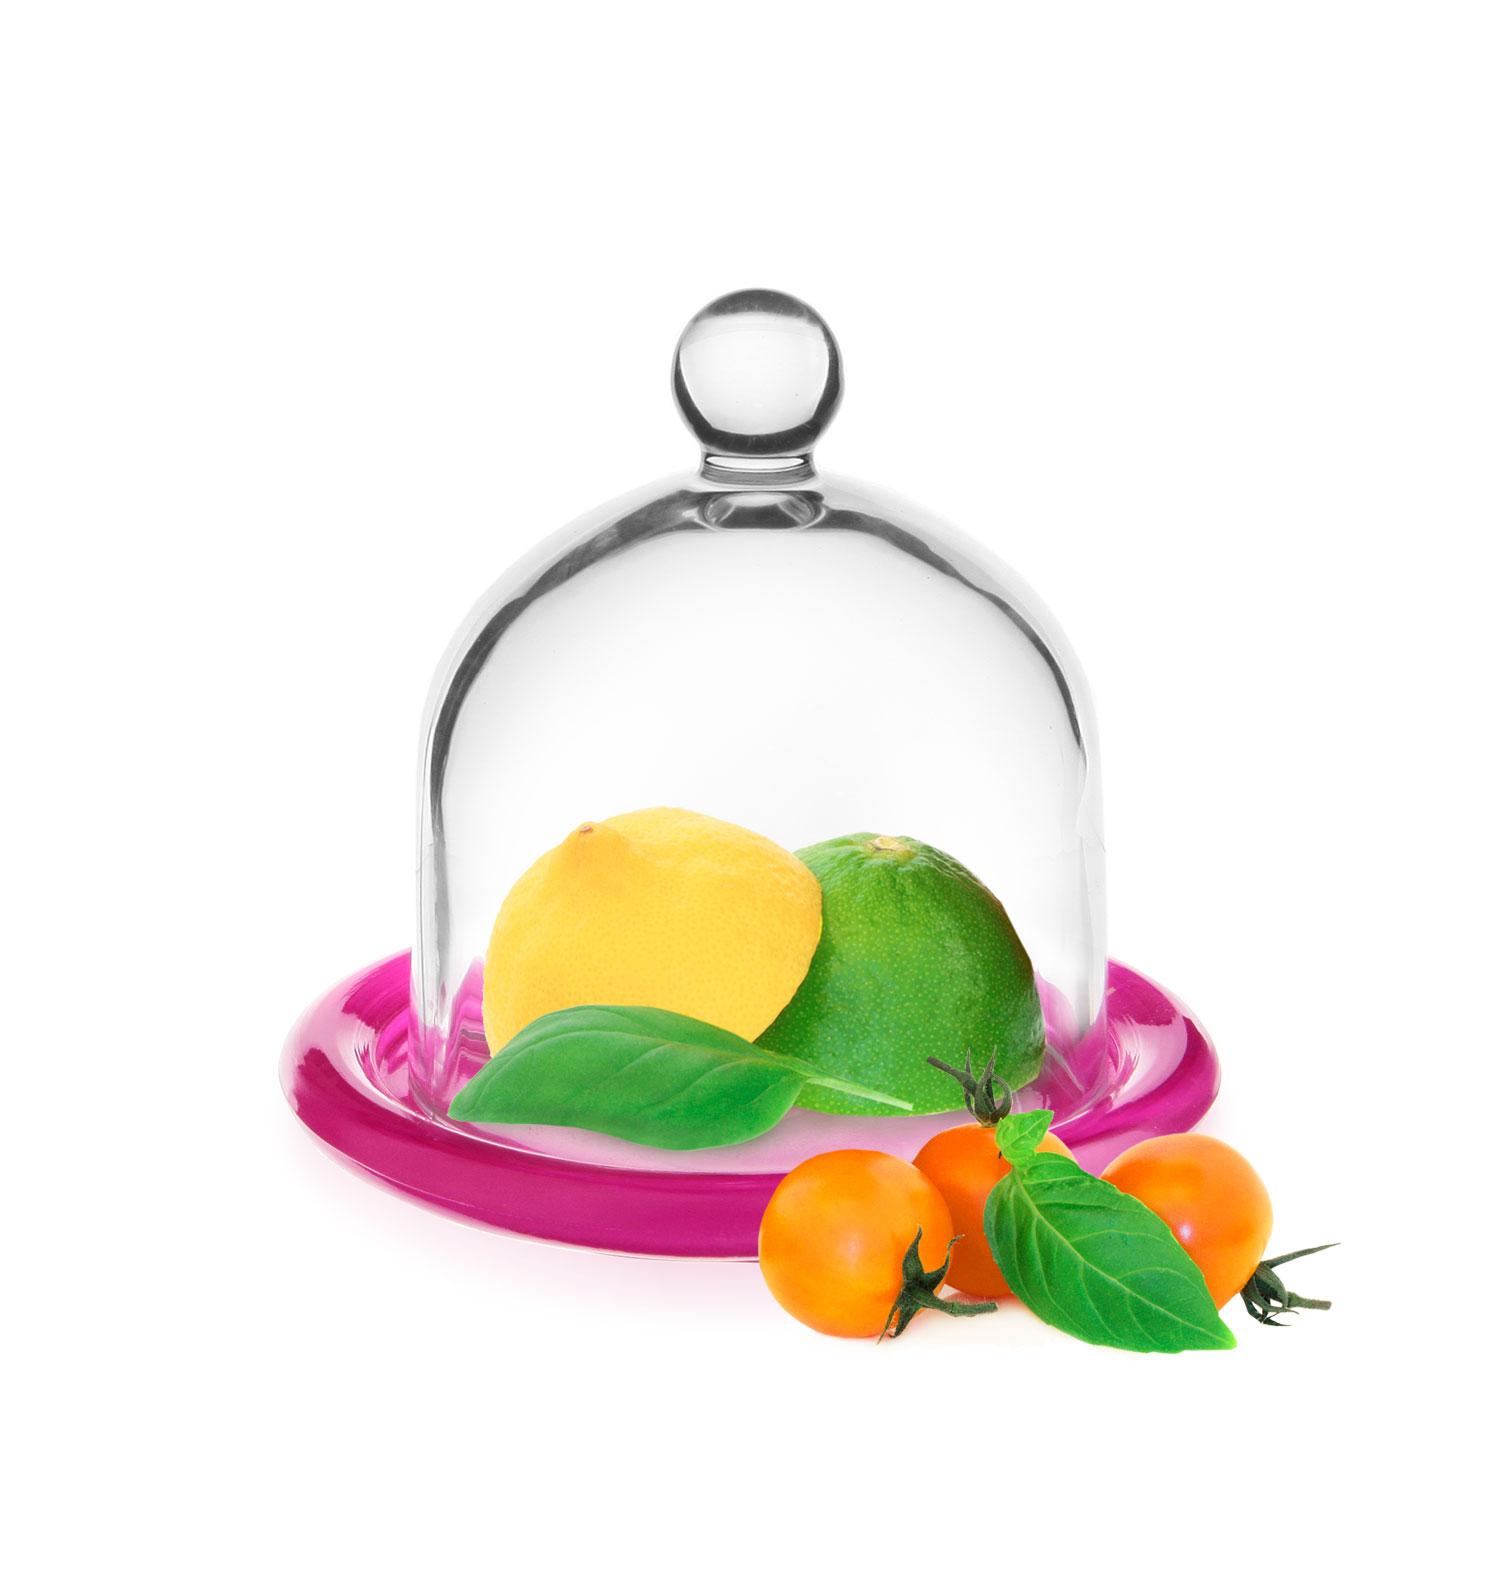 GLASMARK Dóza na citron s poklopem/růžový talířek